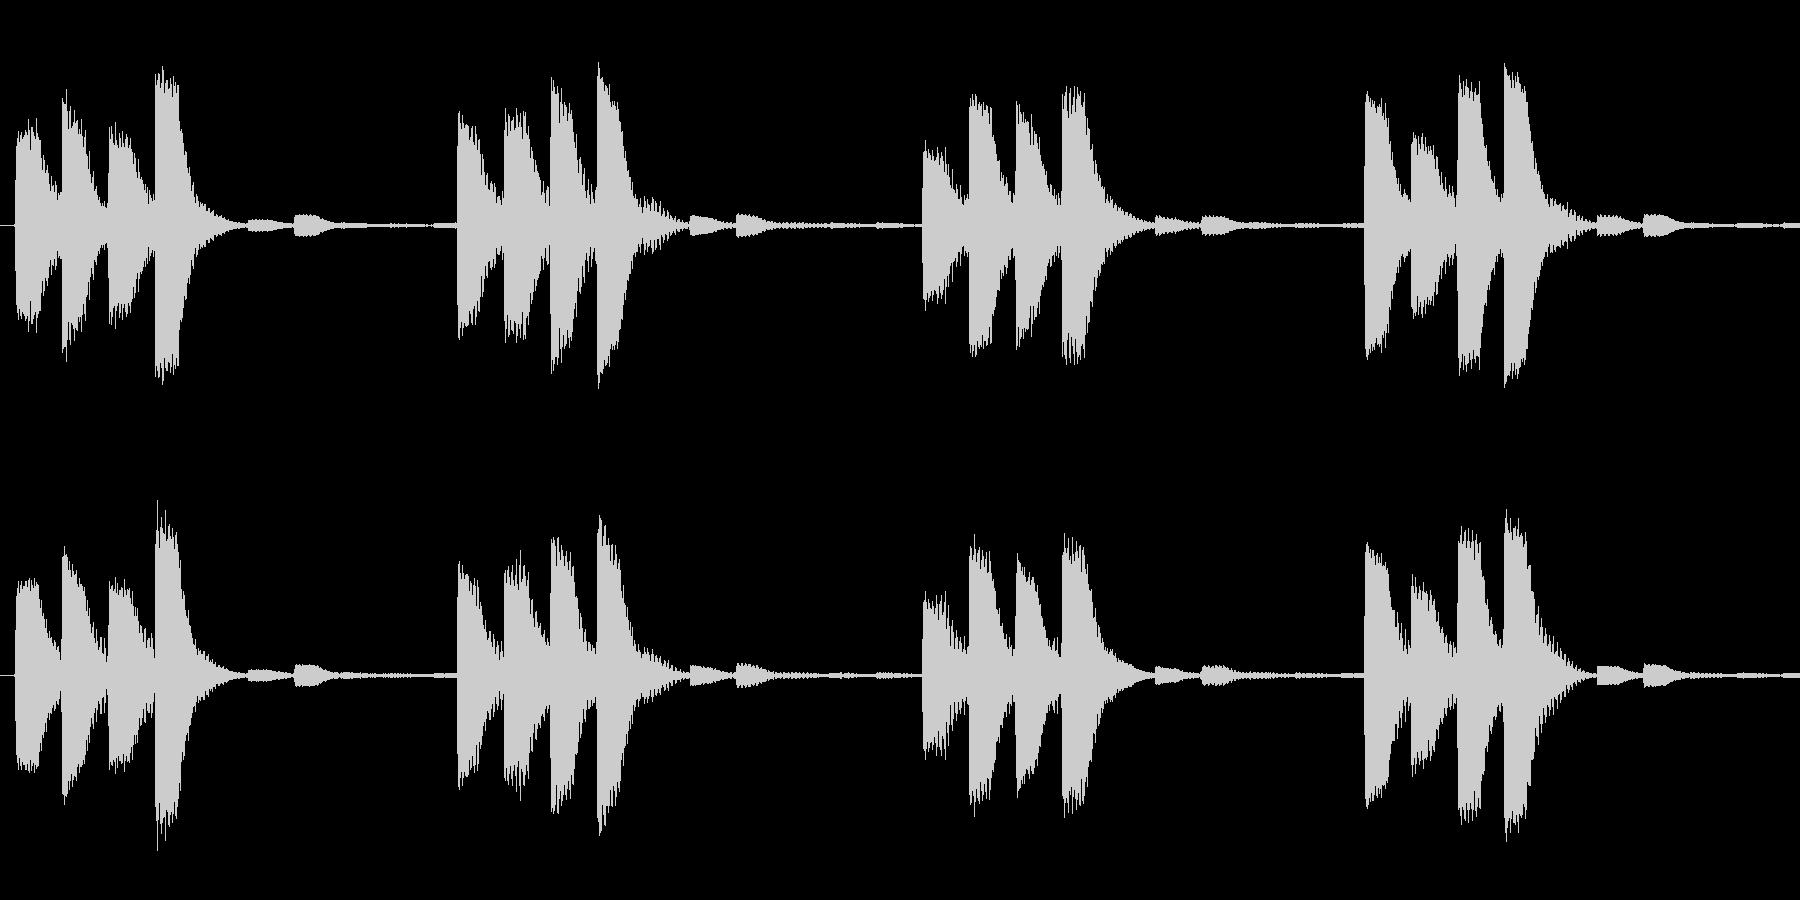 ピピピピッ(繰り返し)の未再生の波形